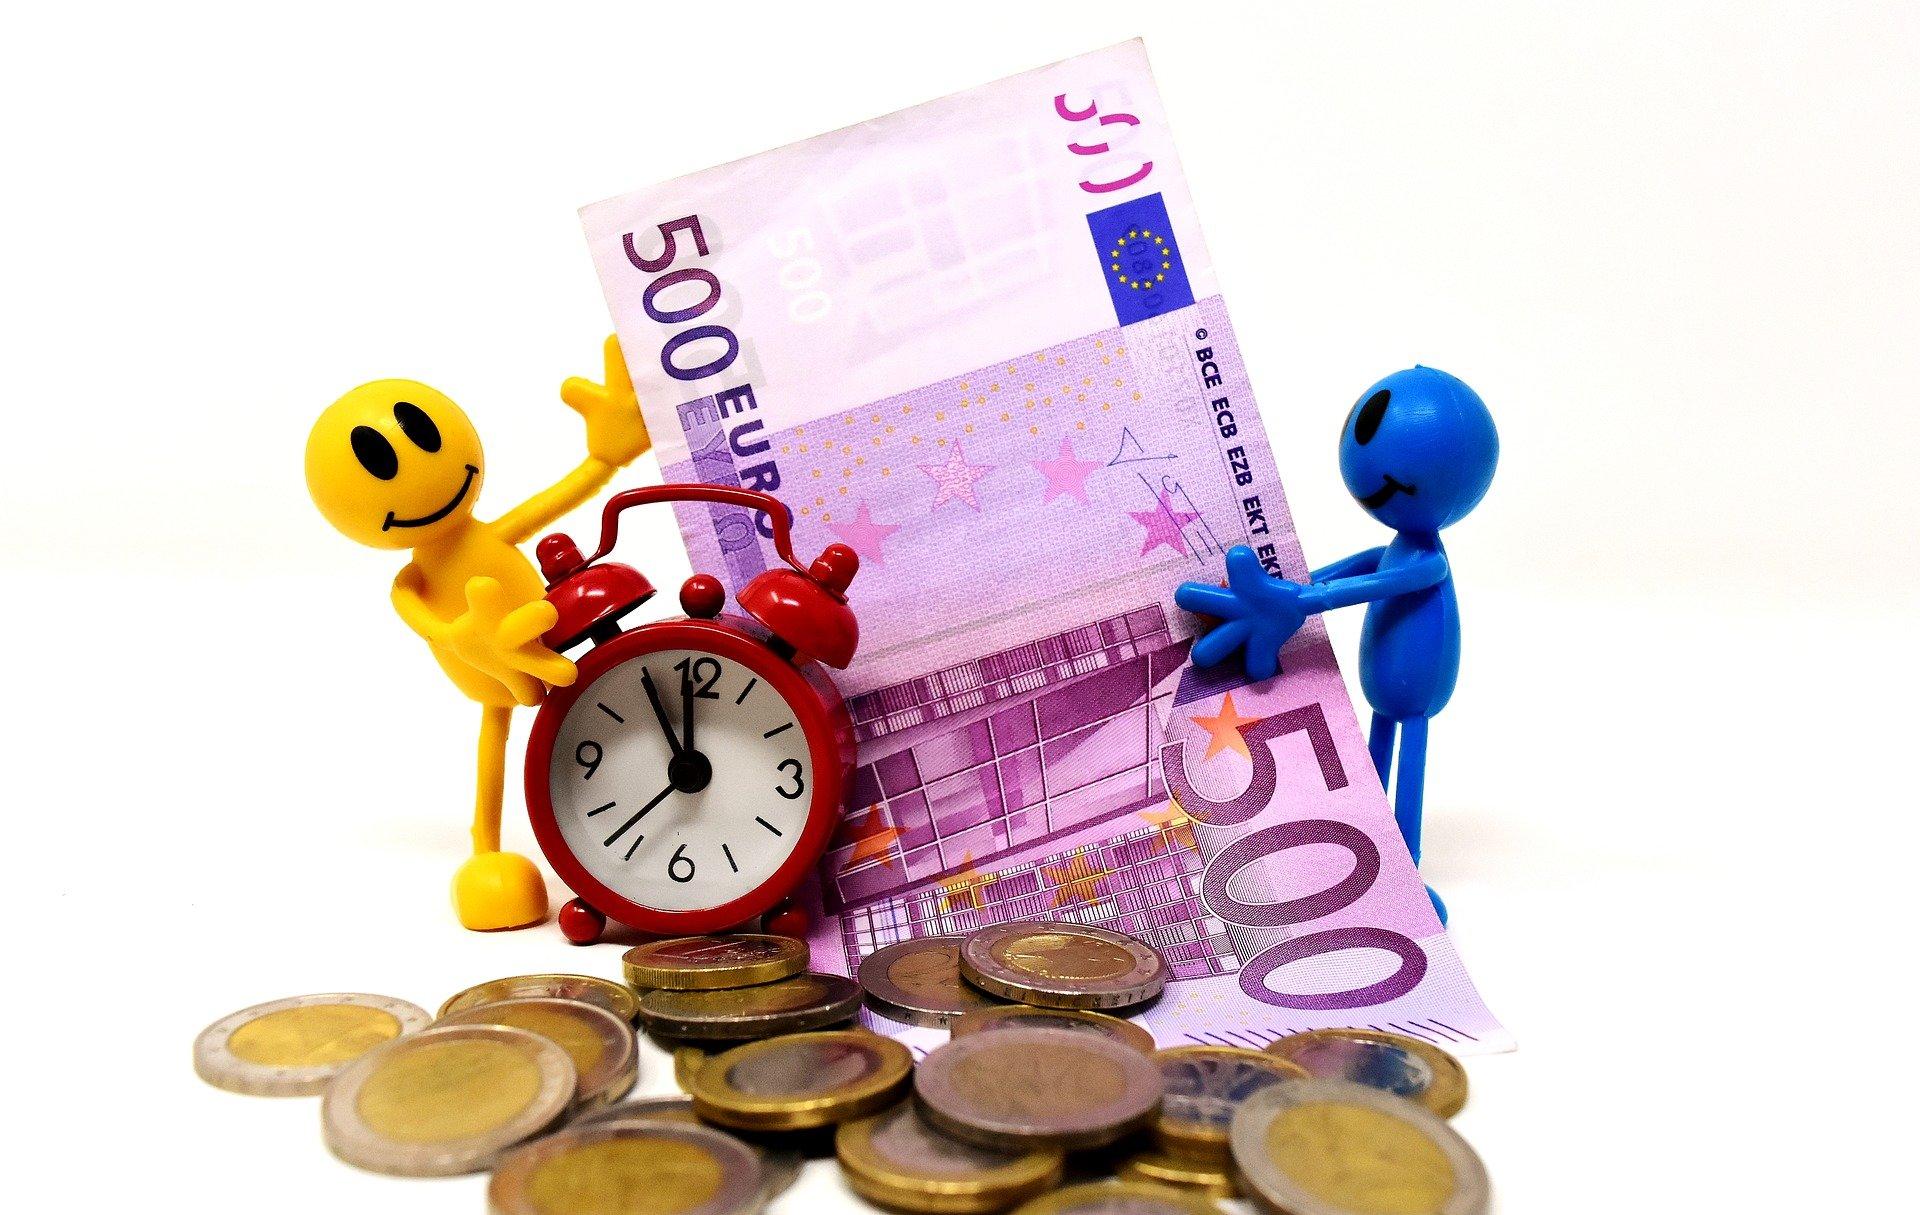 El tiempo es dinero, pero el tiempo optimizado es mayor dinero.